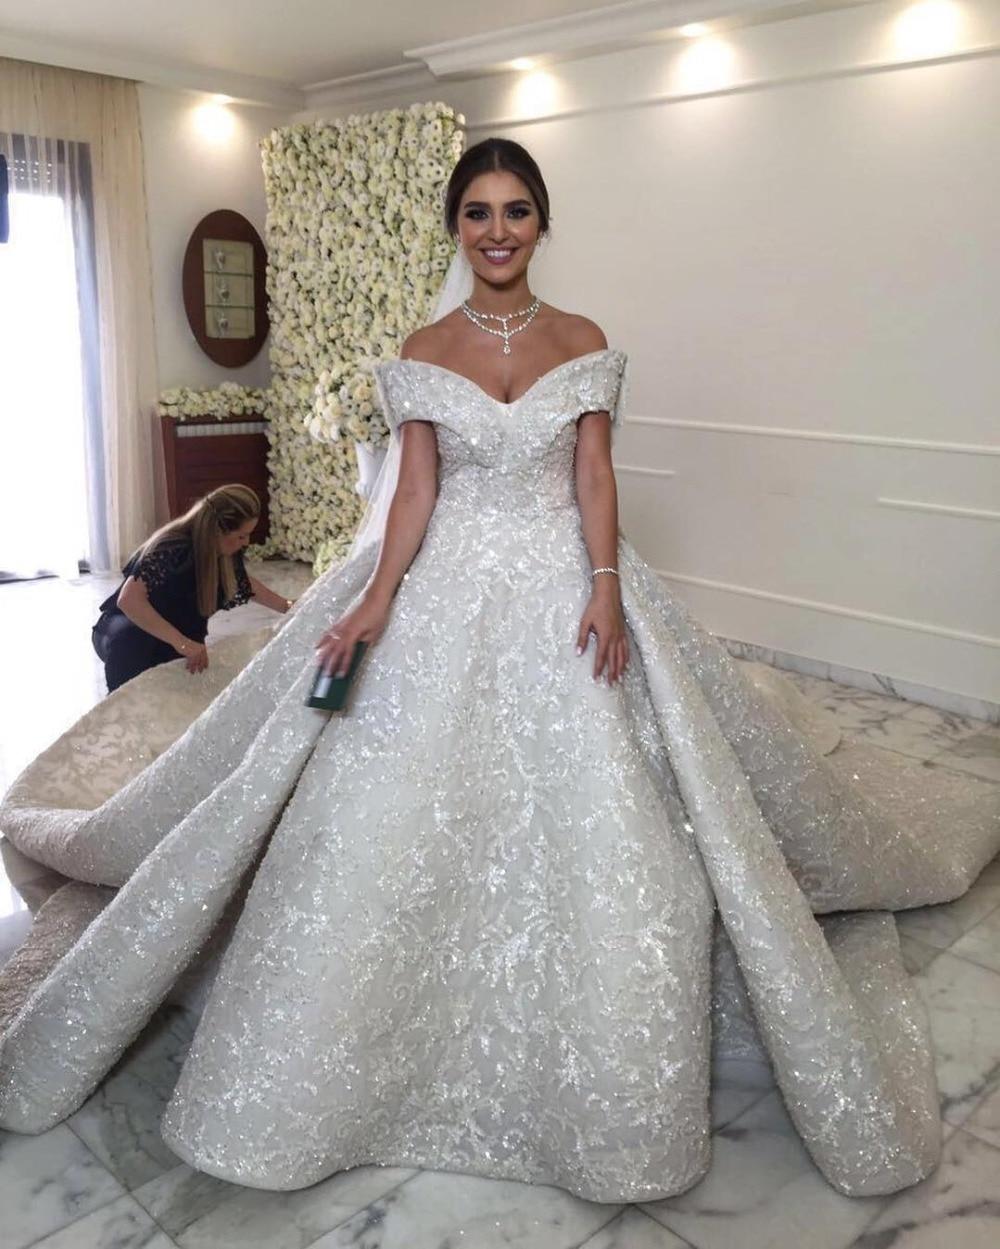 Groß Brautkleid In Dubai Ideen - Brautkleider Ideen ...